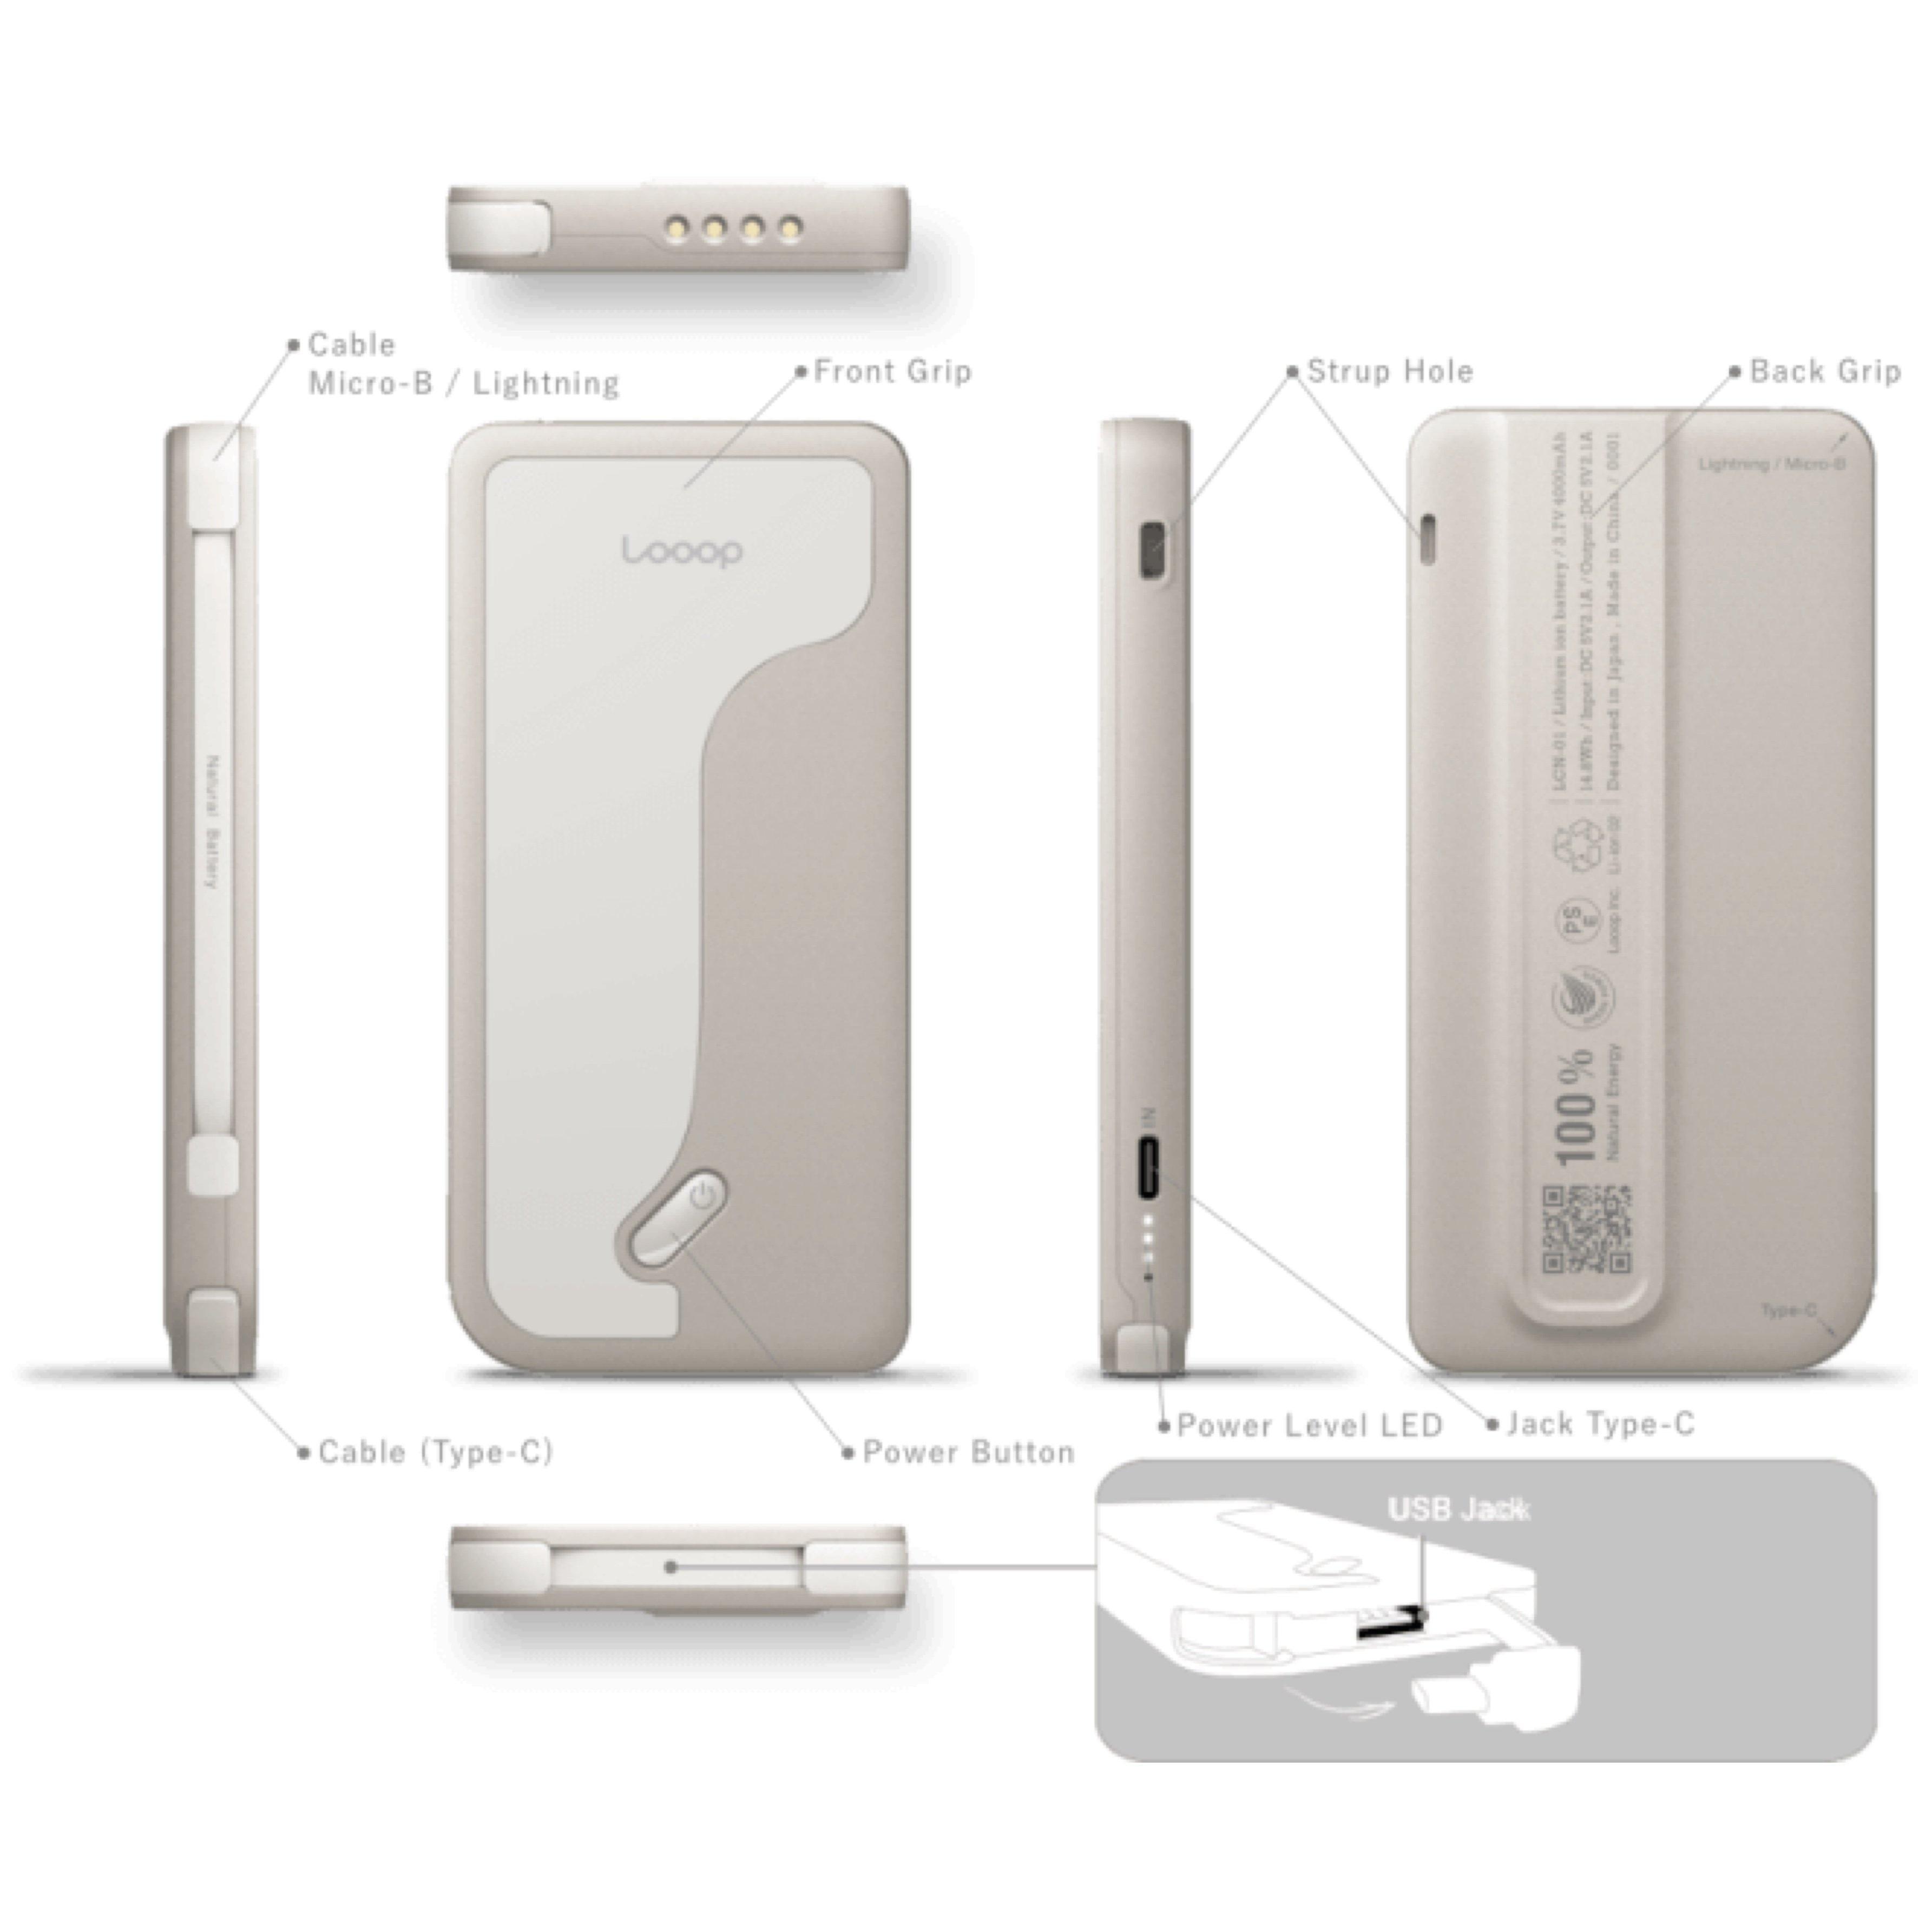 【店頭販売限定】Looop Charge モバイルバッテリー 4000mAh(PSE認証済み)のイメージその2